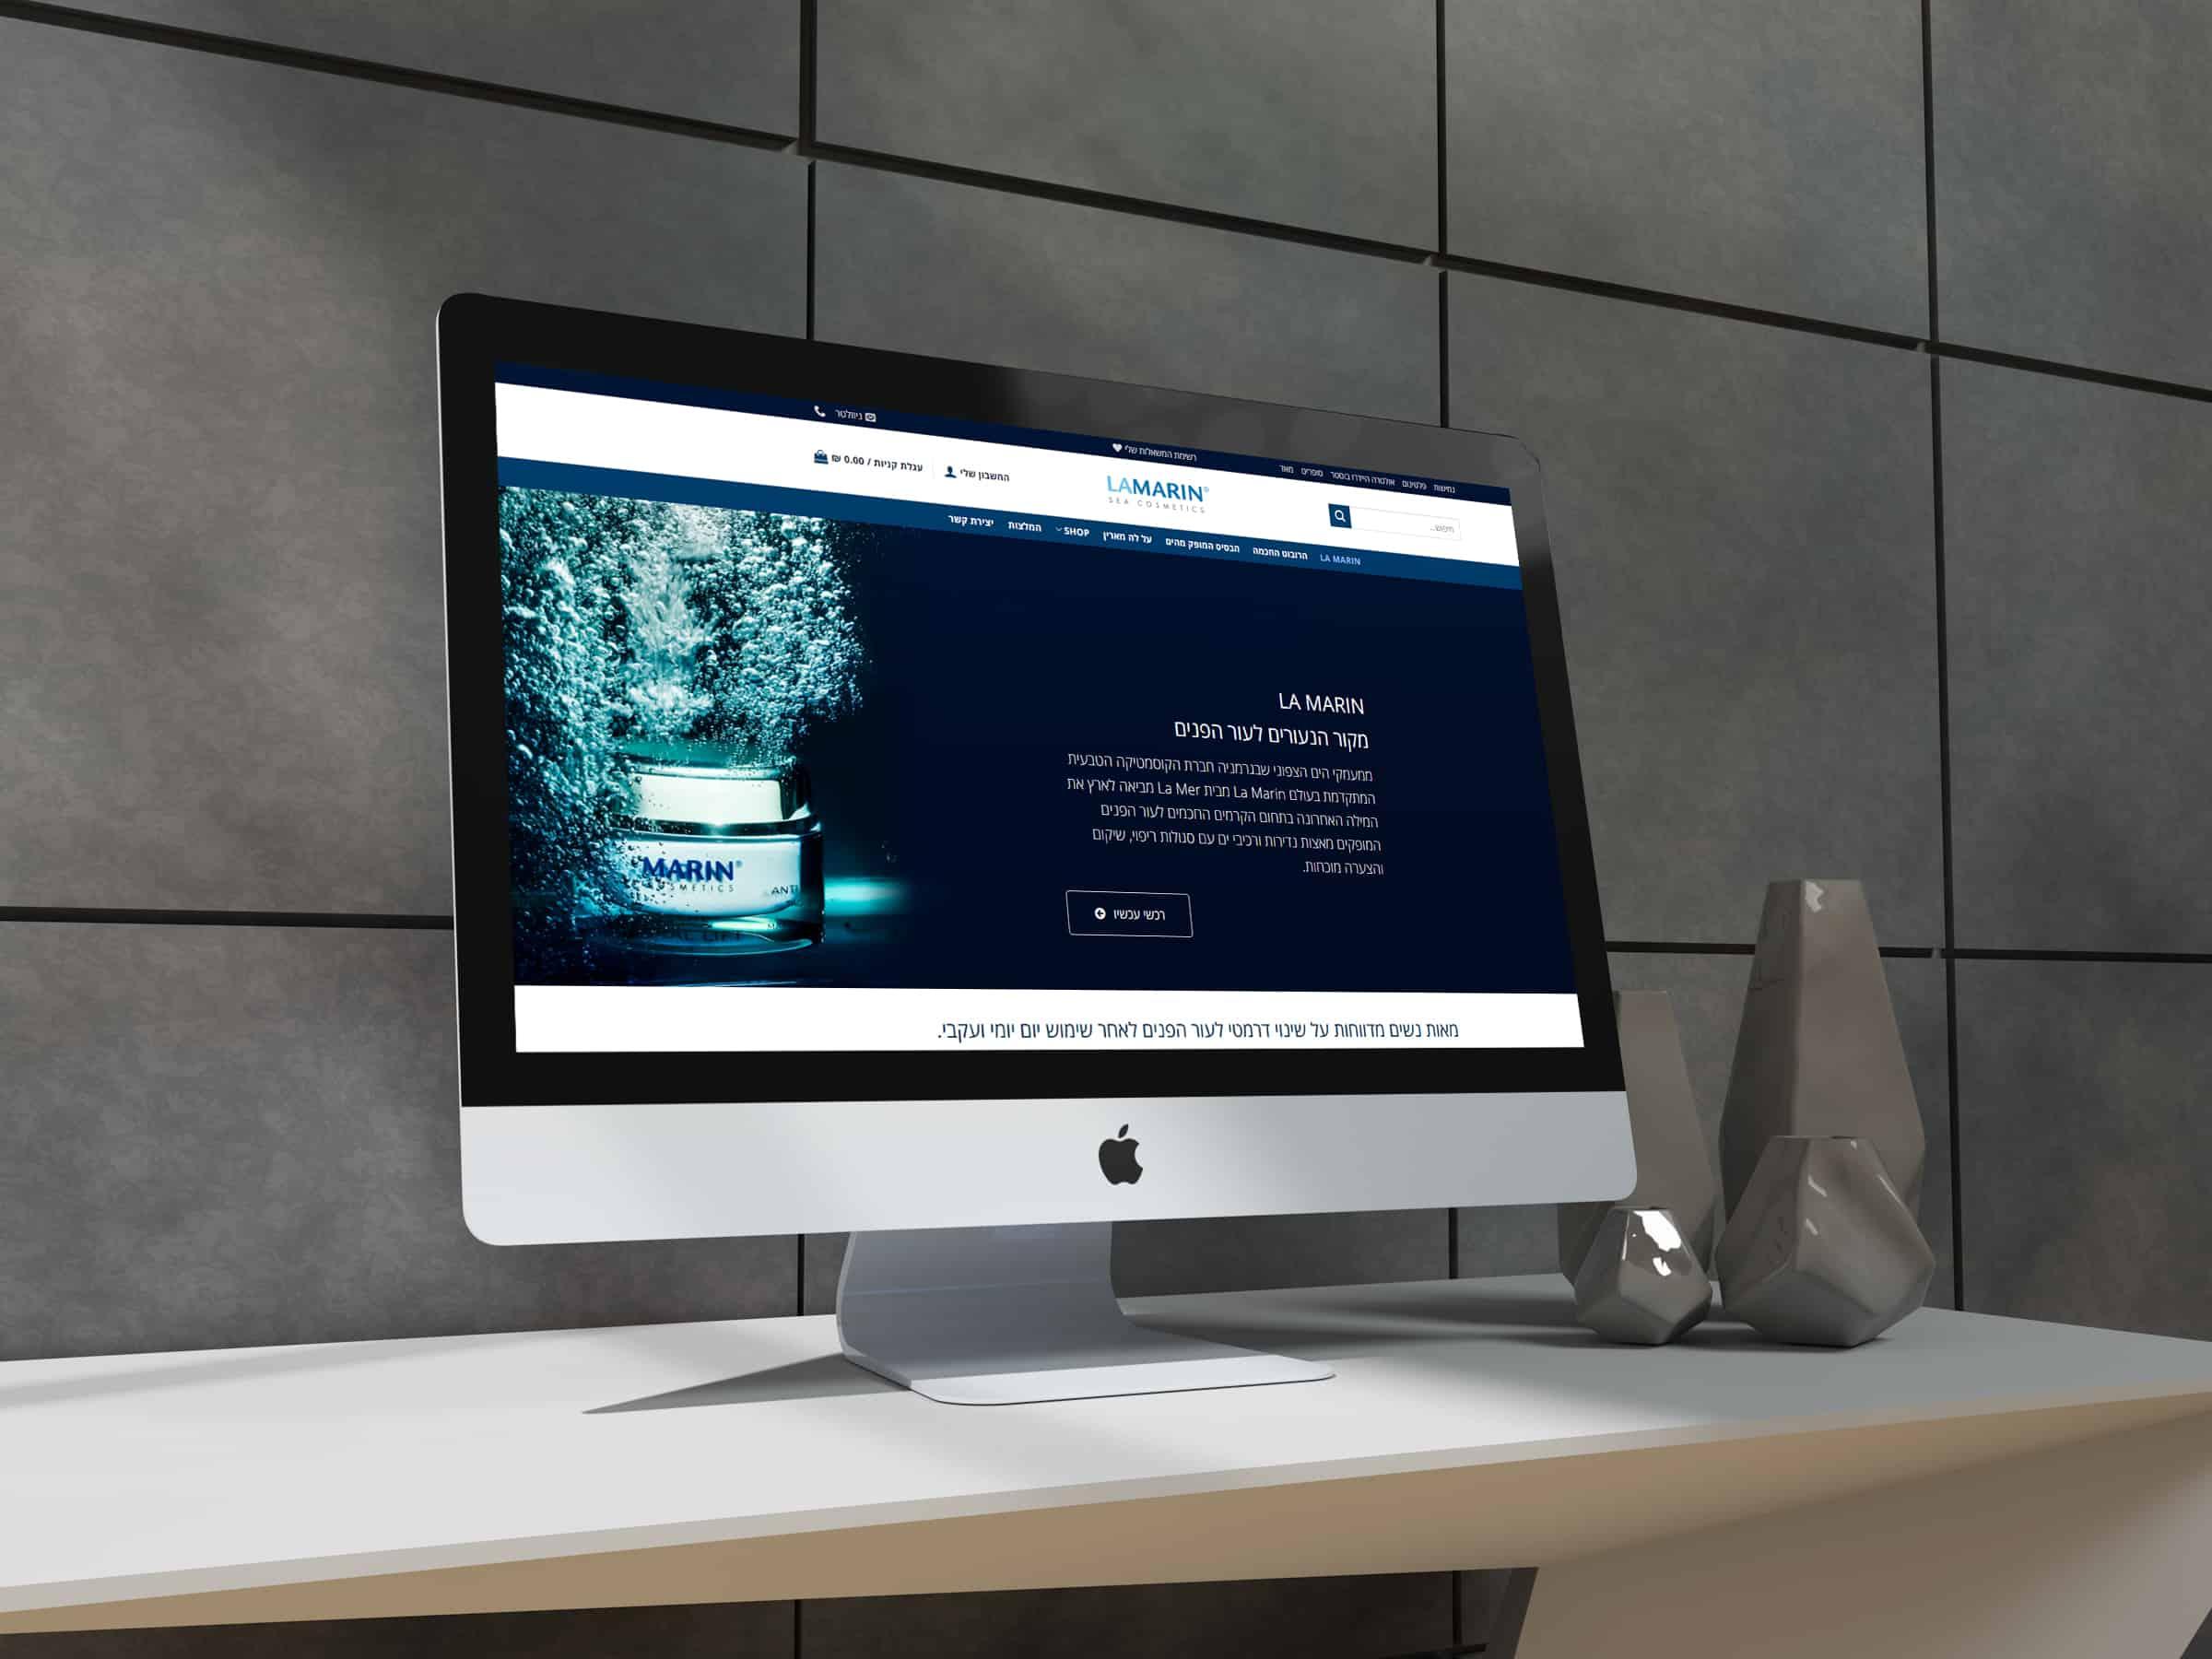 לה מארין - עיצוב ובניית אתר חנות | תכנות רובוט חכם